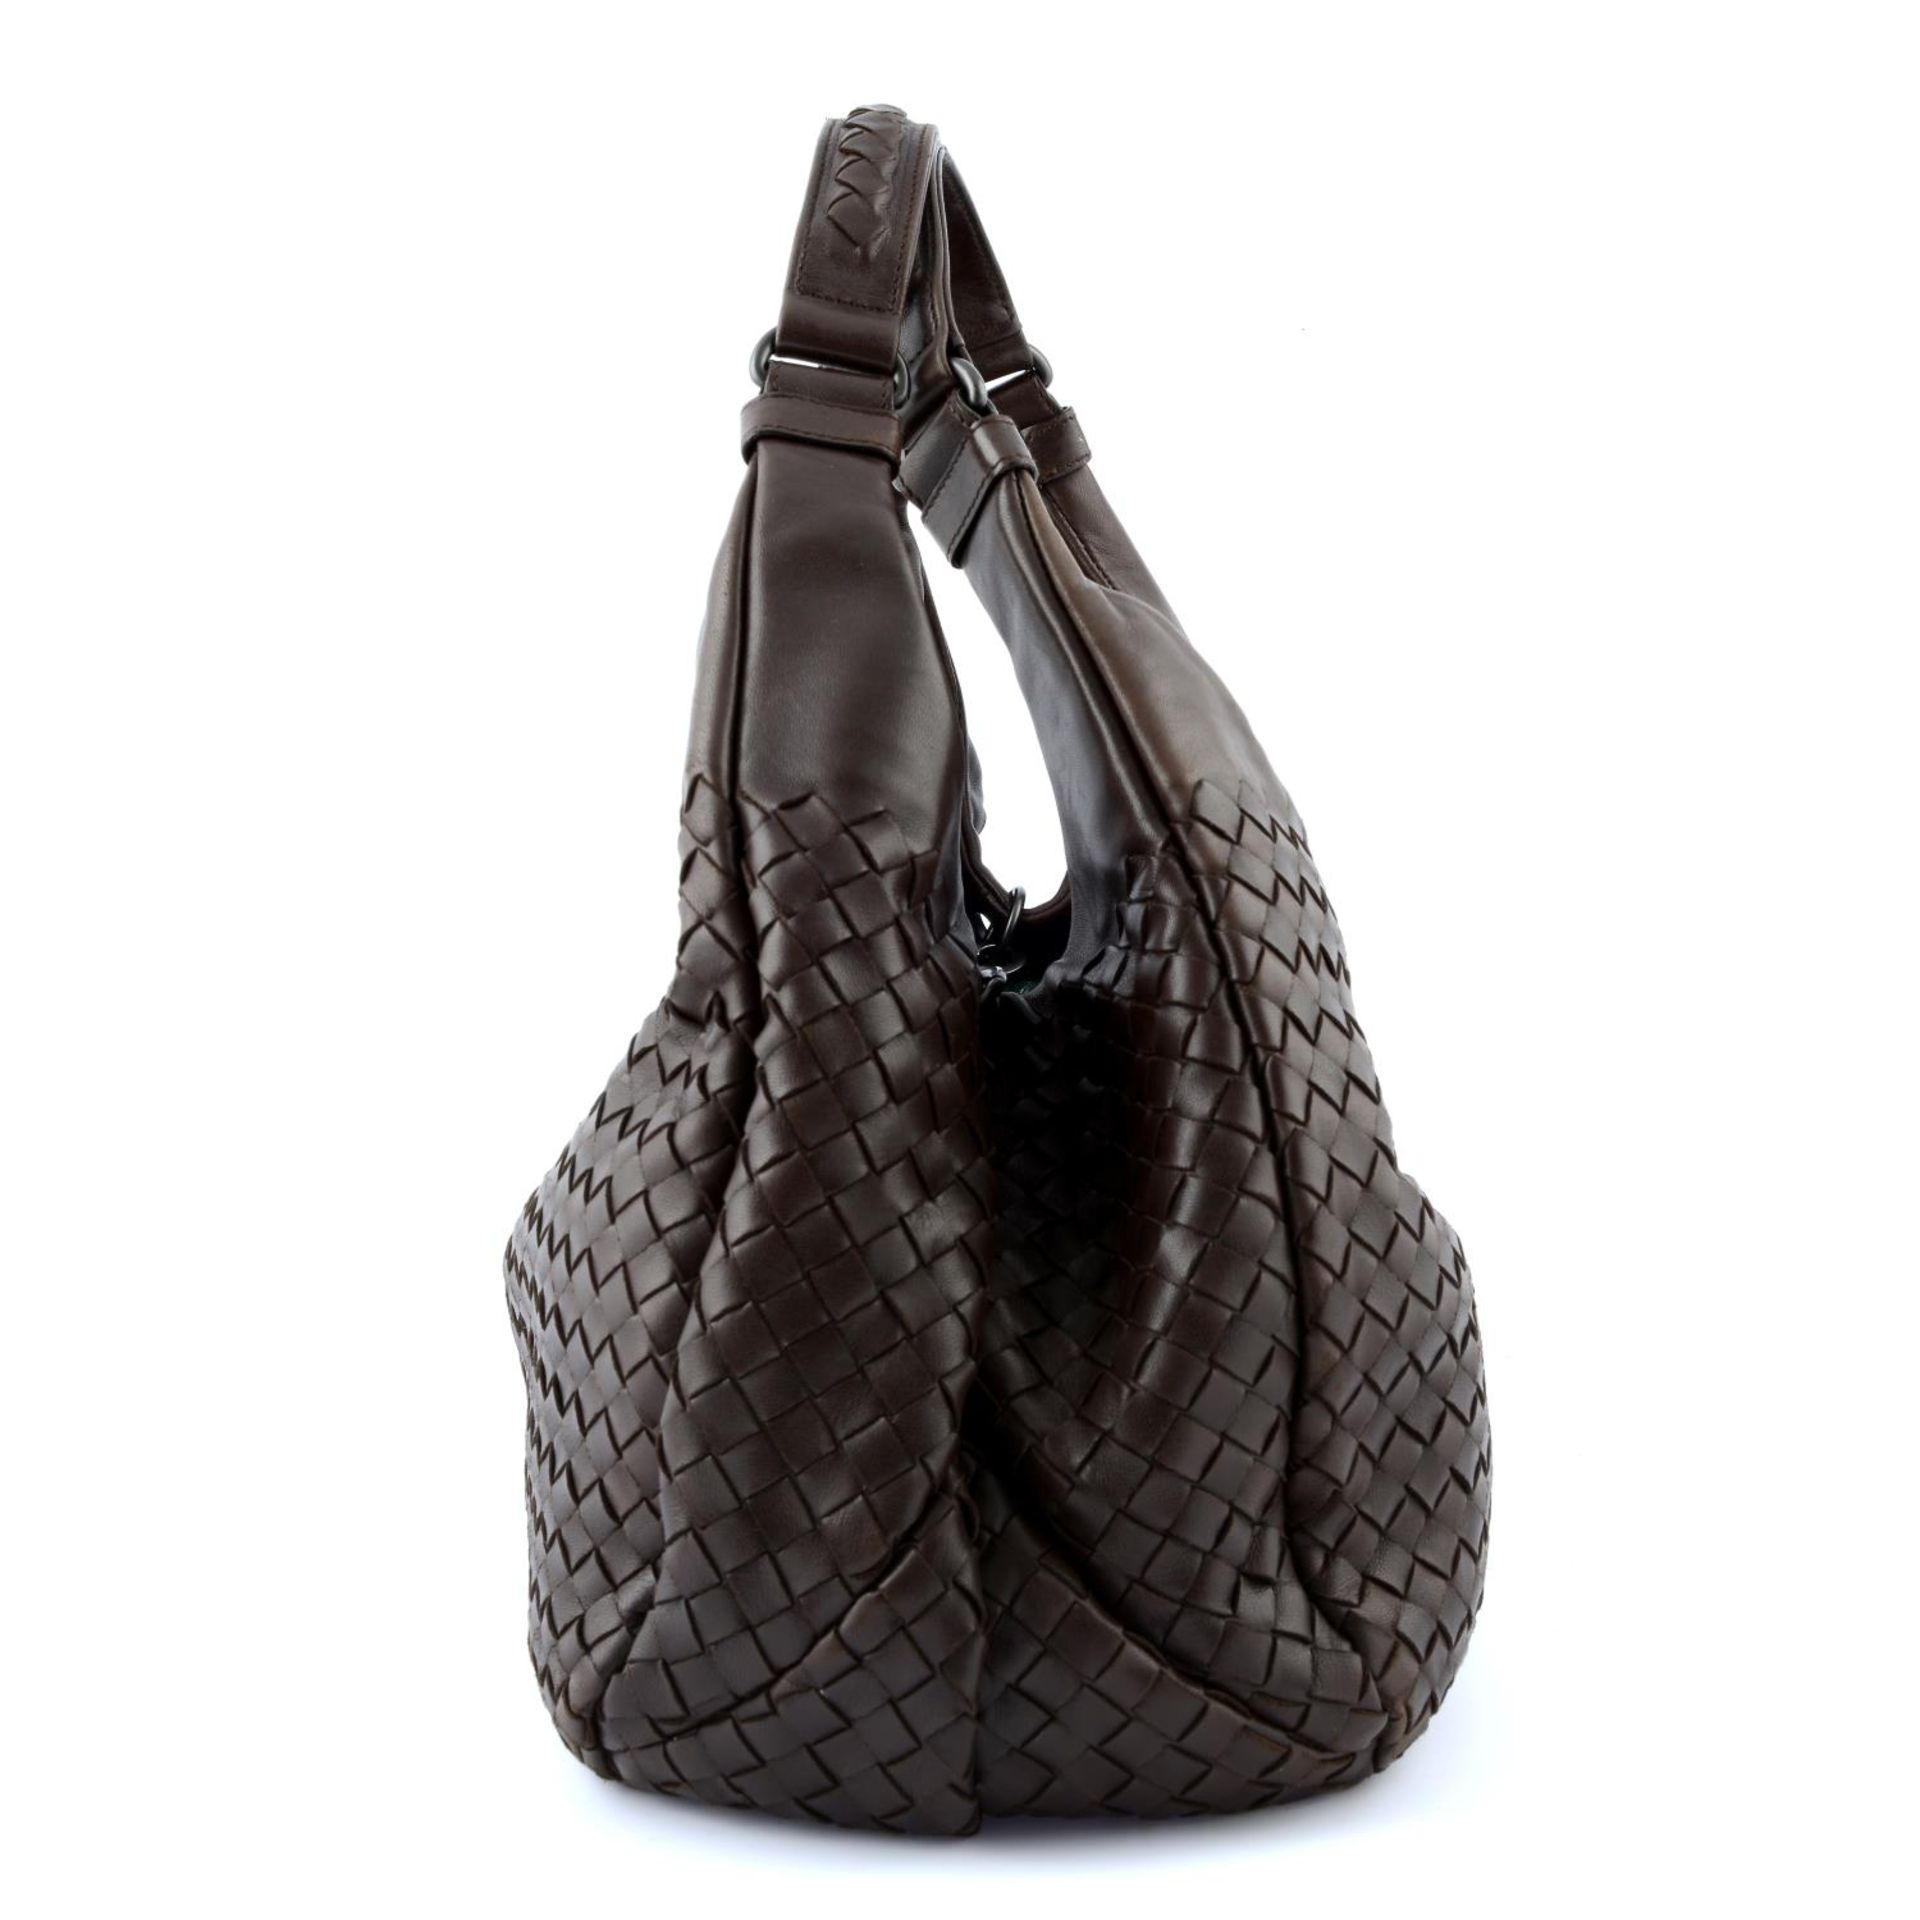 BOTTEGA VENETA - a woven leather Campana hobo handbag. - Image 5 of 6